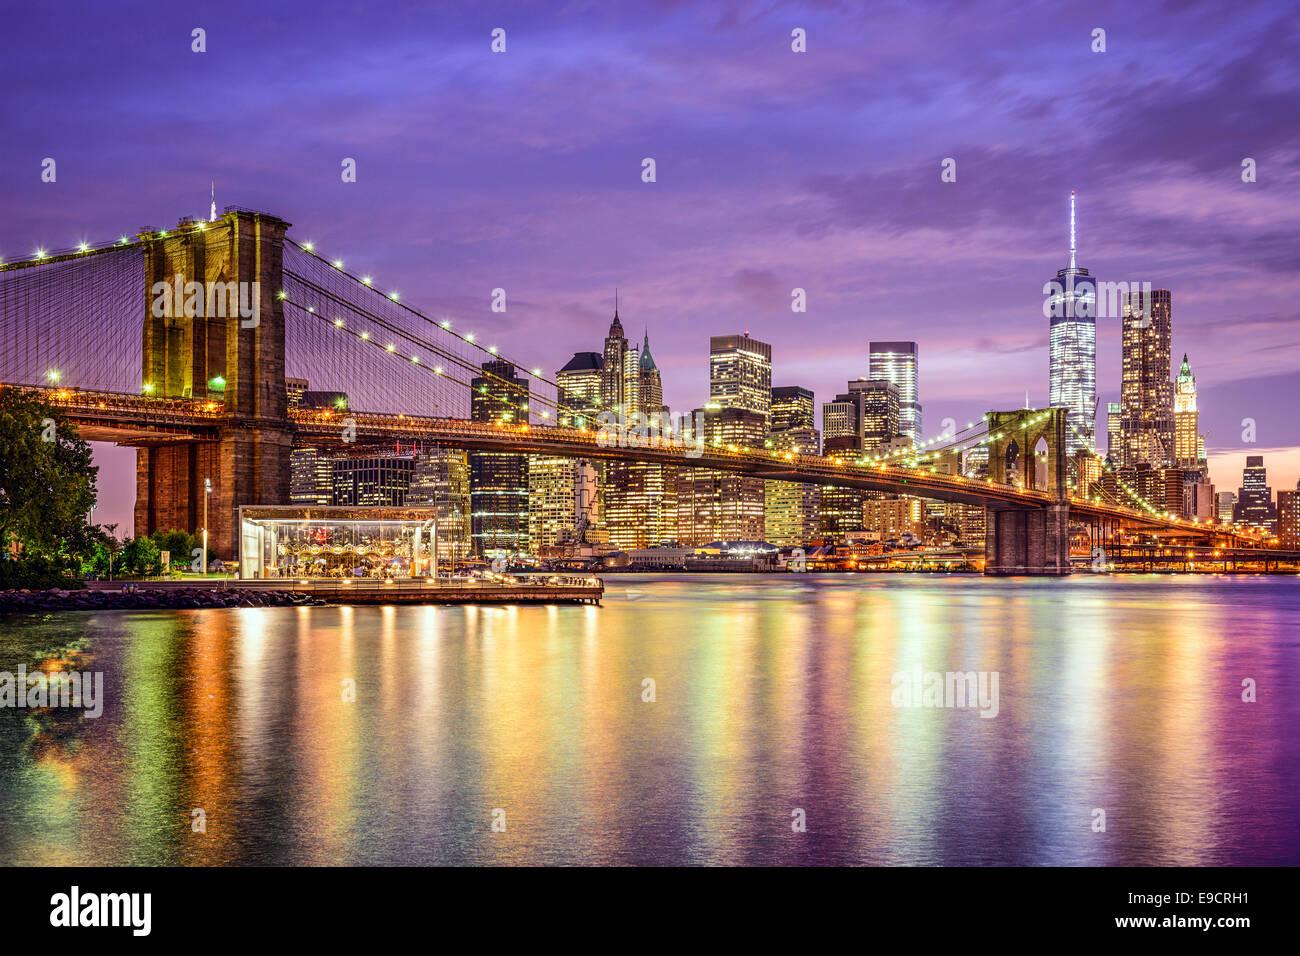 New York, New York, USA ville avec le Pont de Brooklyn et Manhattan quartier financier au cours de l'East River. Banque D'Images